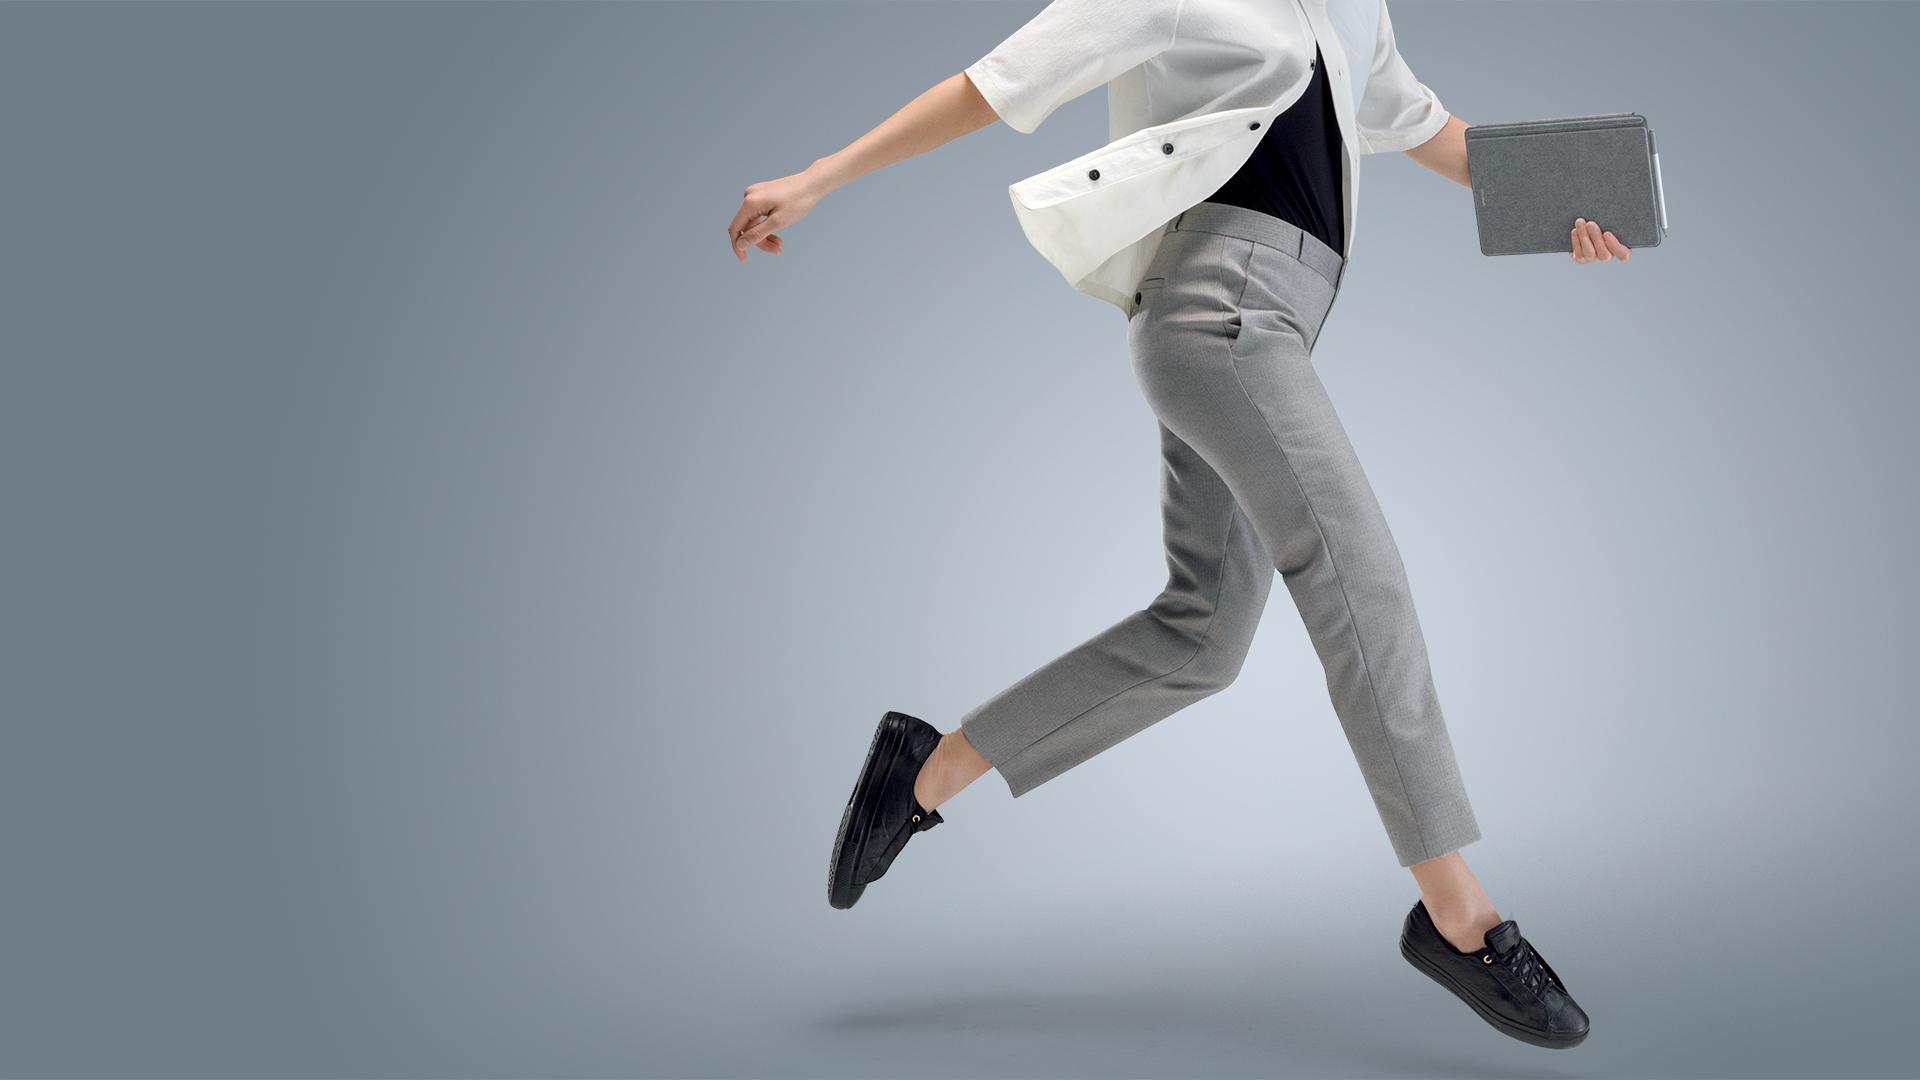 Uma mulher salta transportando um Surface Go em modo de tablet numa mão